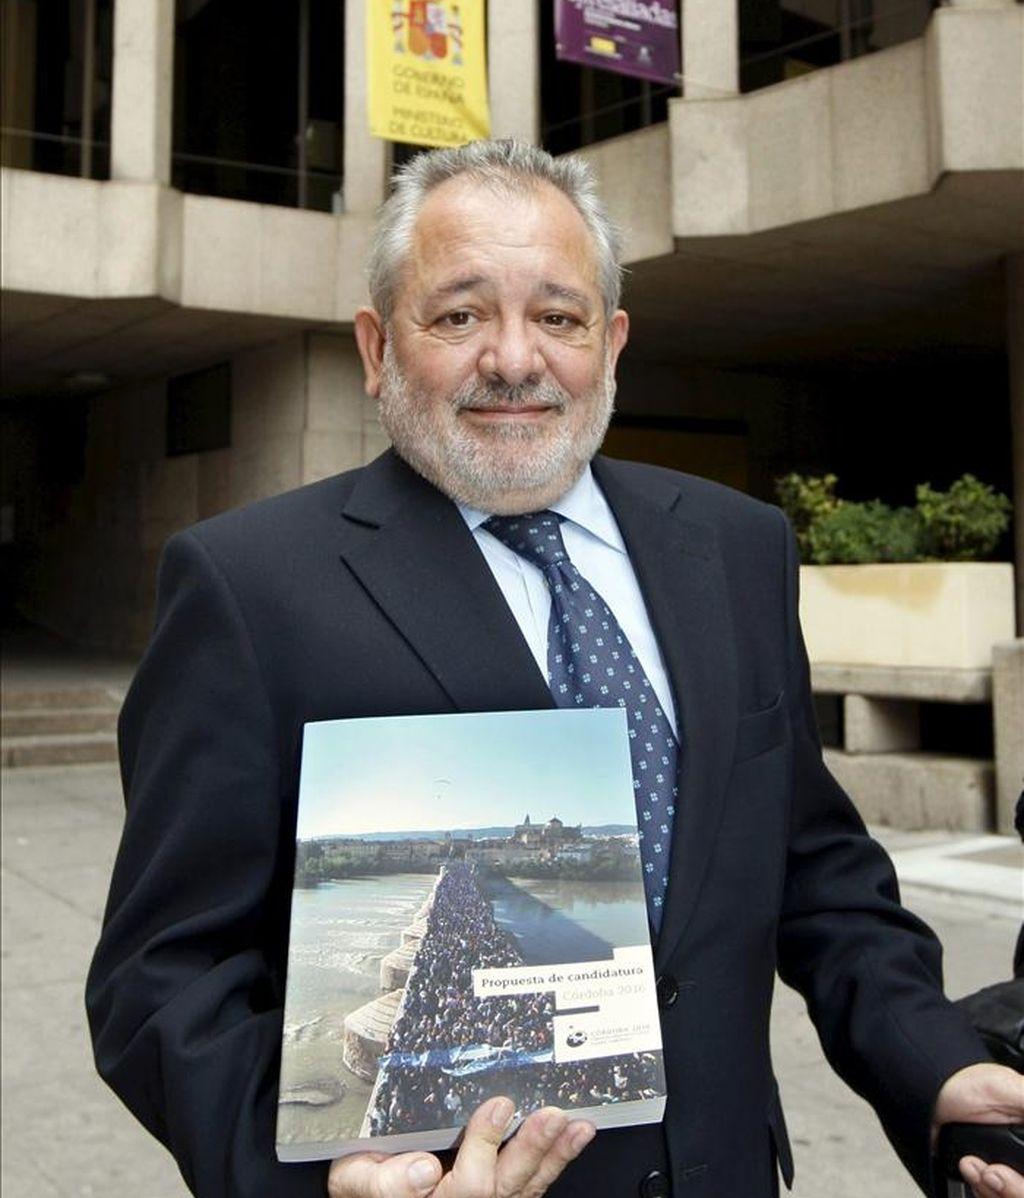 El alcalde de Córdoba y presidente de la Fundación Córdoba Ciudad Cultural, Andrés Ocaña. EFE/Archivo